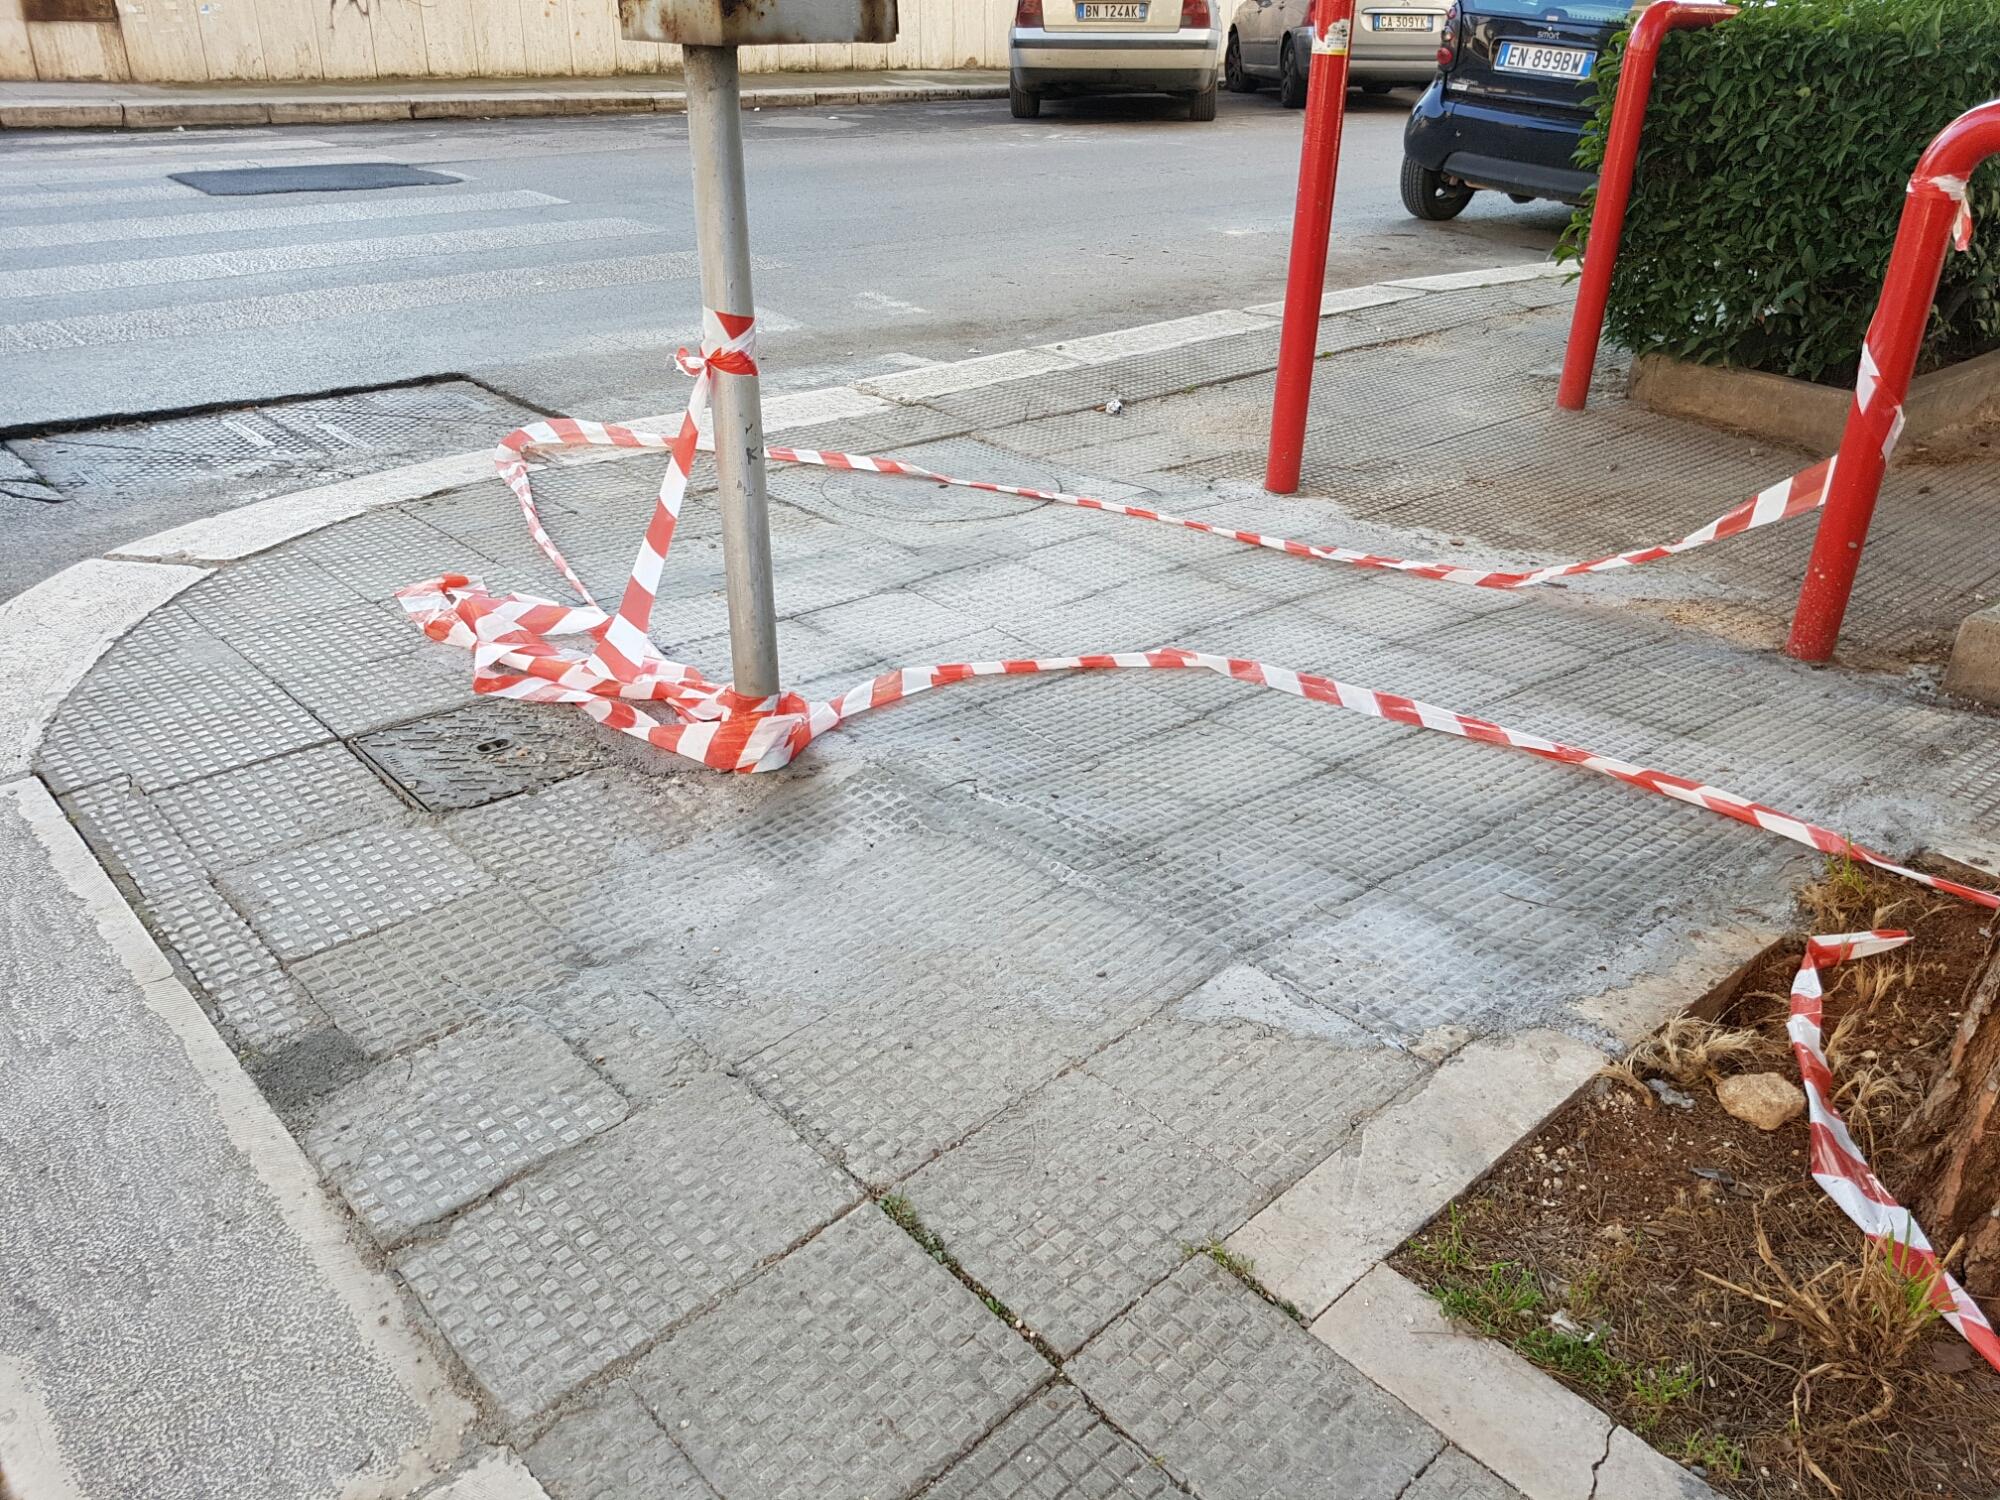 Interventi di manutenzione in città